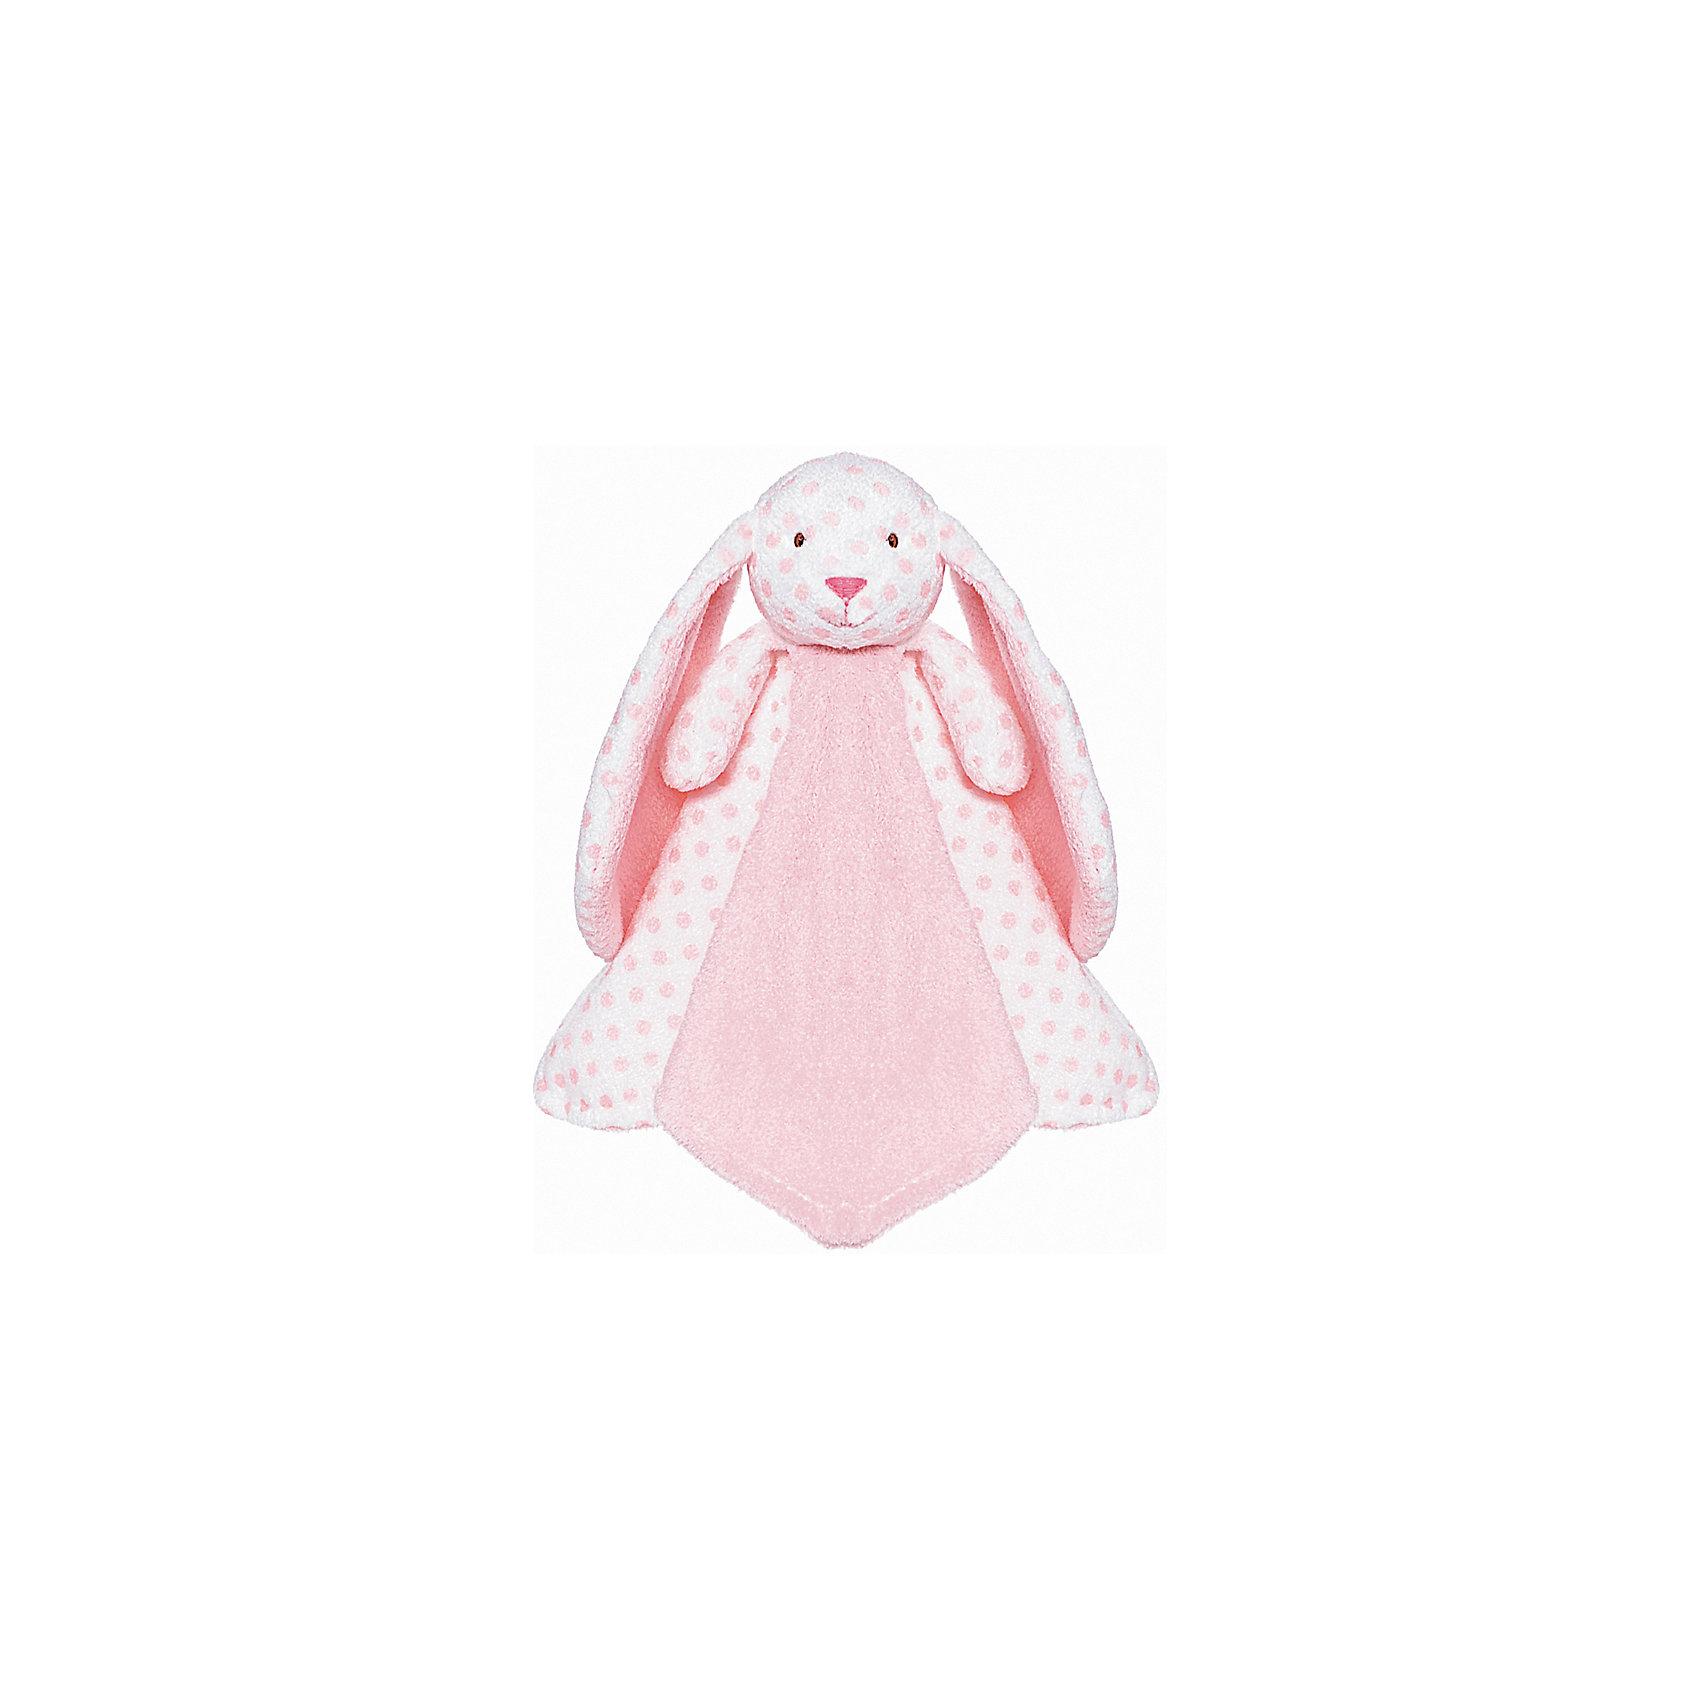 купить Teddykompaniet Платочек Кролик -  Большие ушки, Тедди бэби, Динглисар по цене 2029 рублей